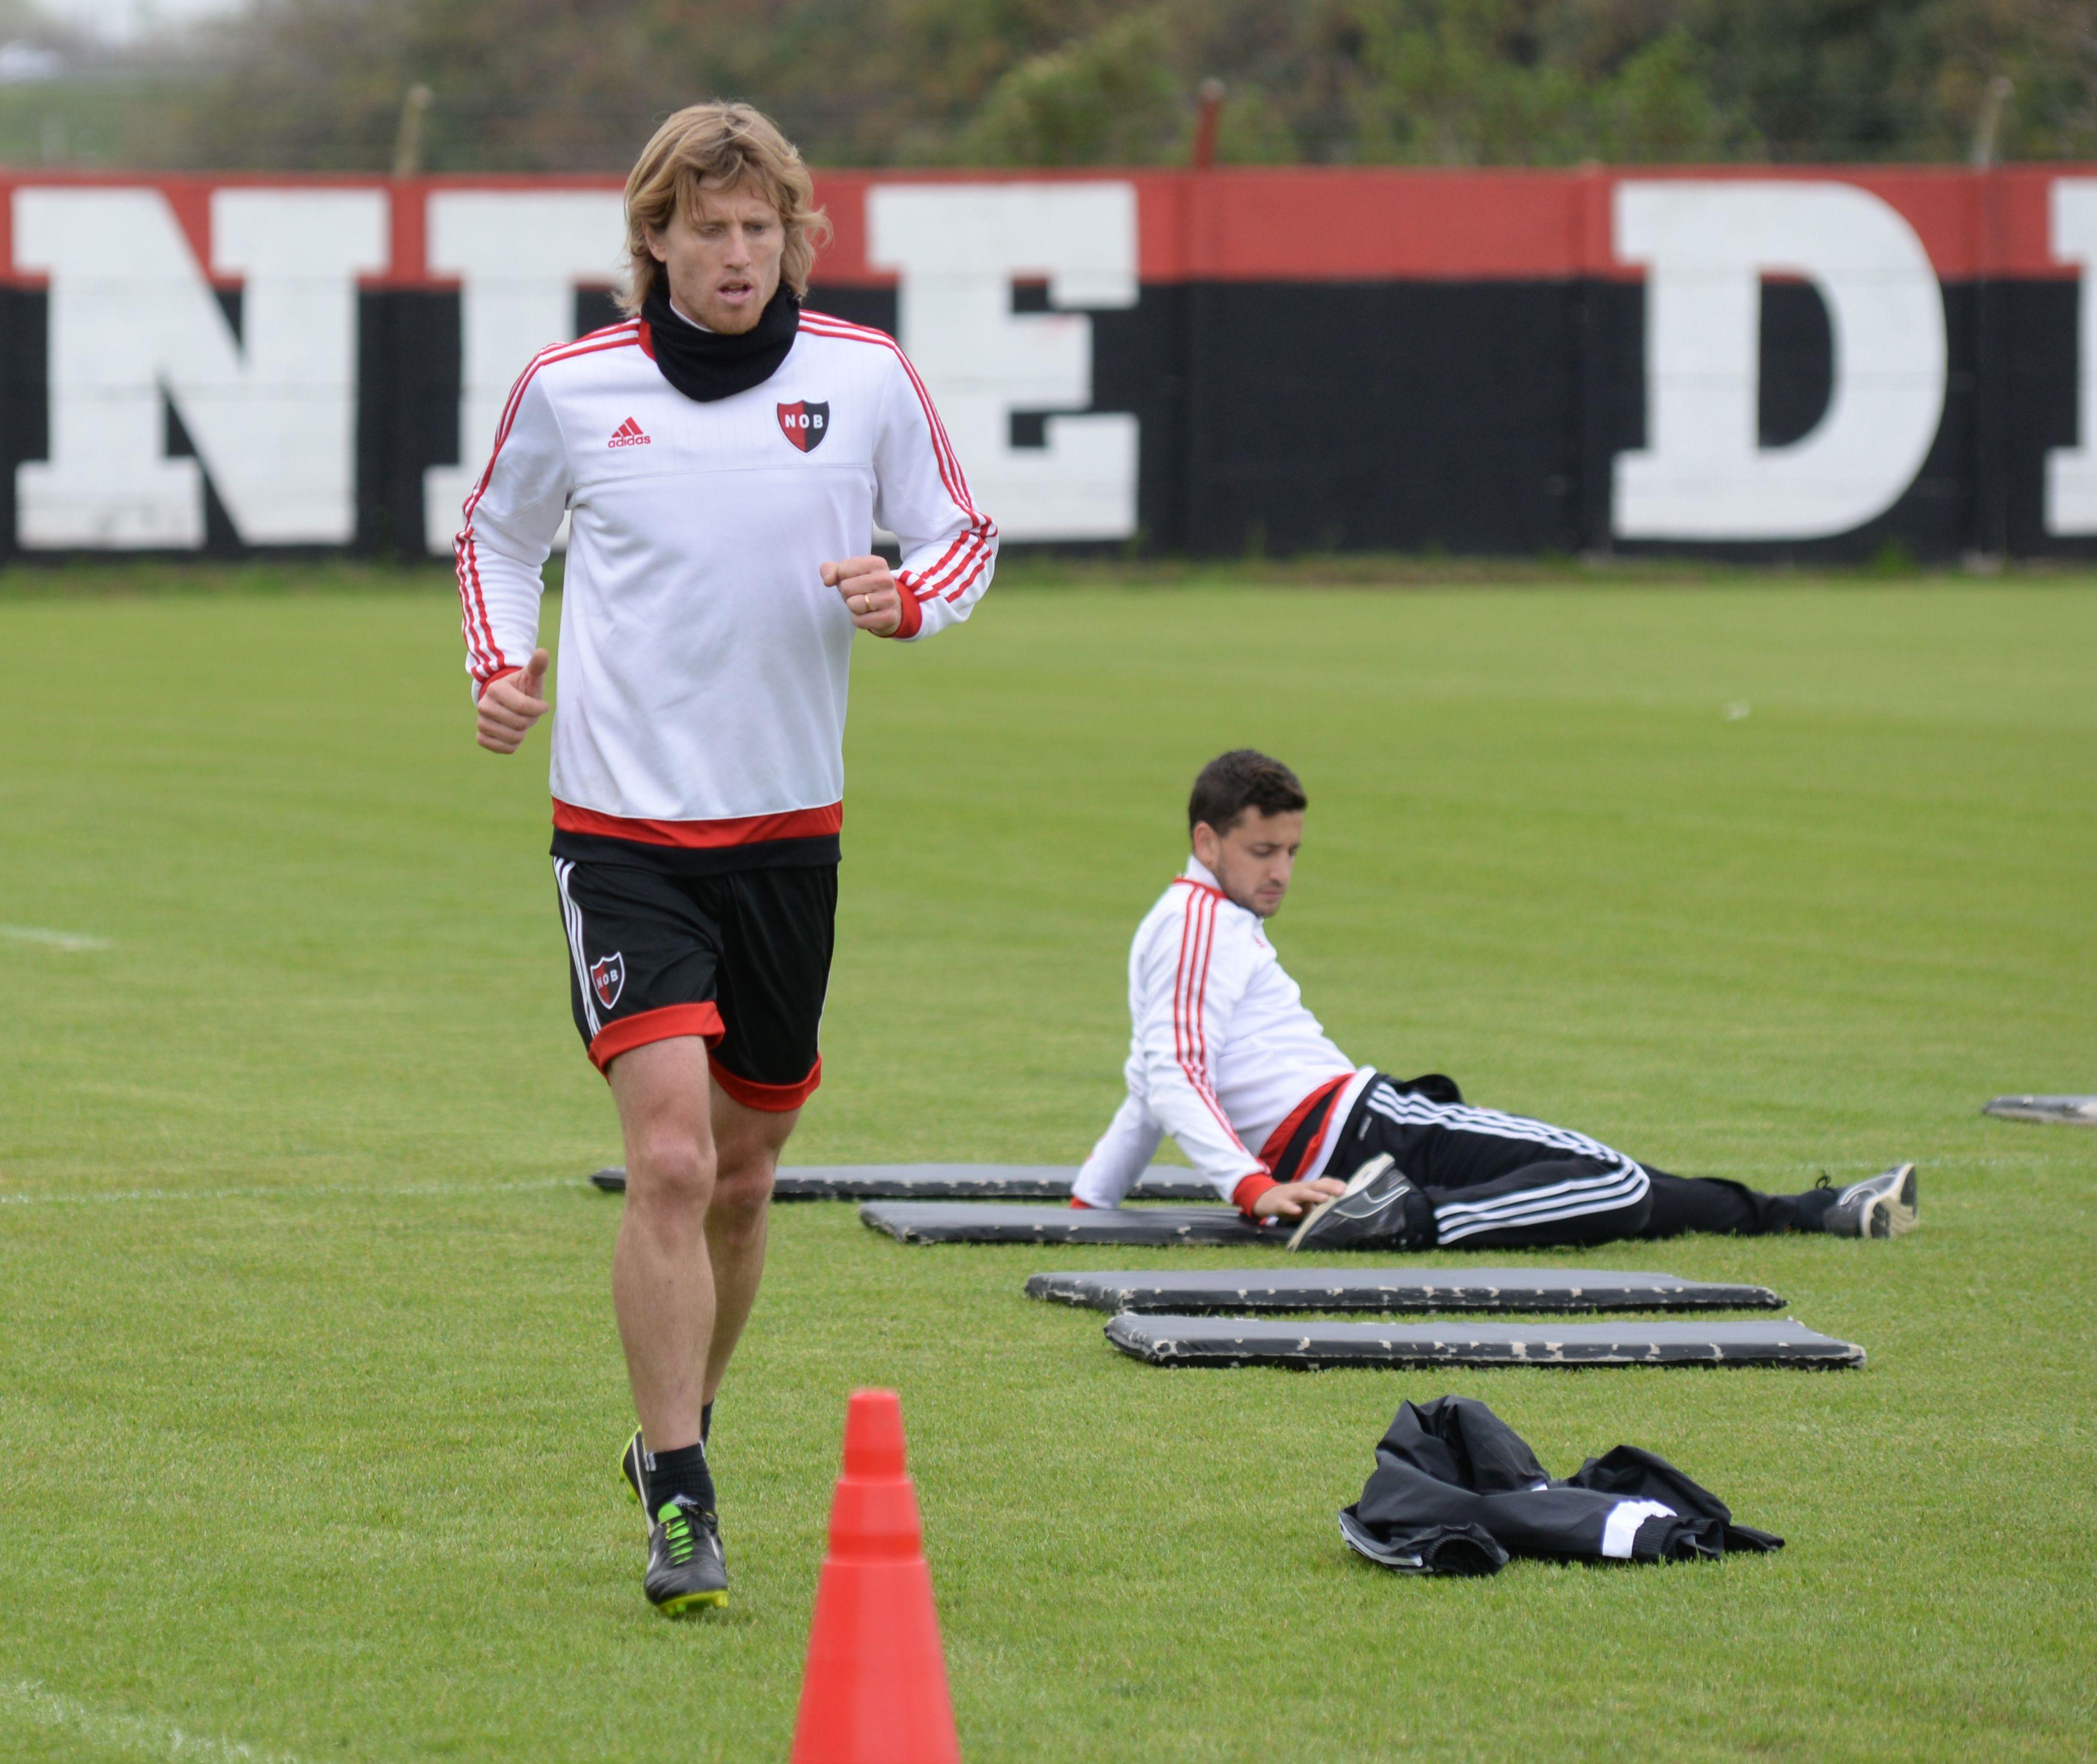 El cinco. Mateo reemplazó a Maxi Rodríguez el sábado cuando el entrenador bajó las persianas del partido.